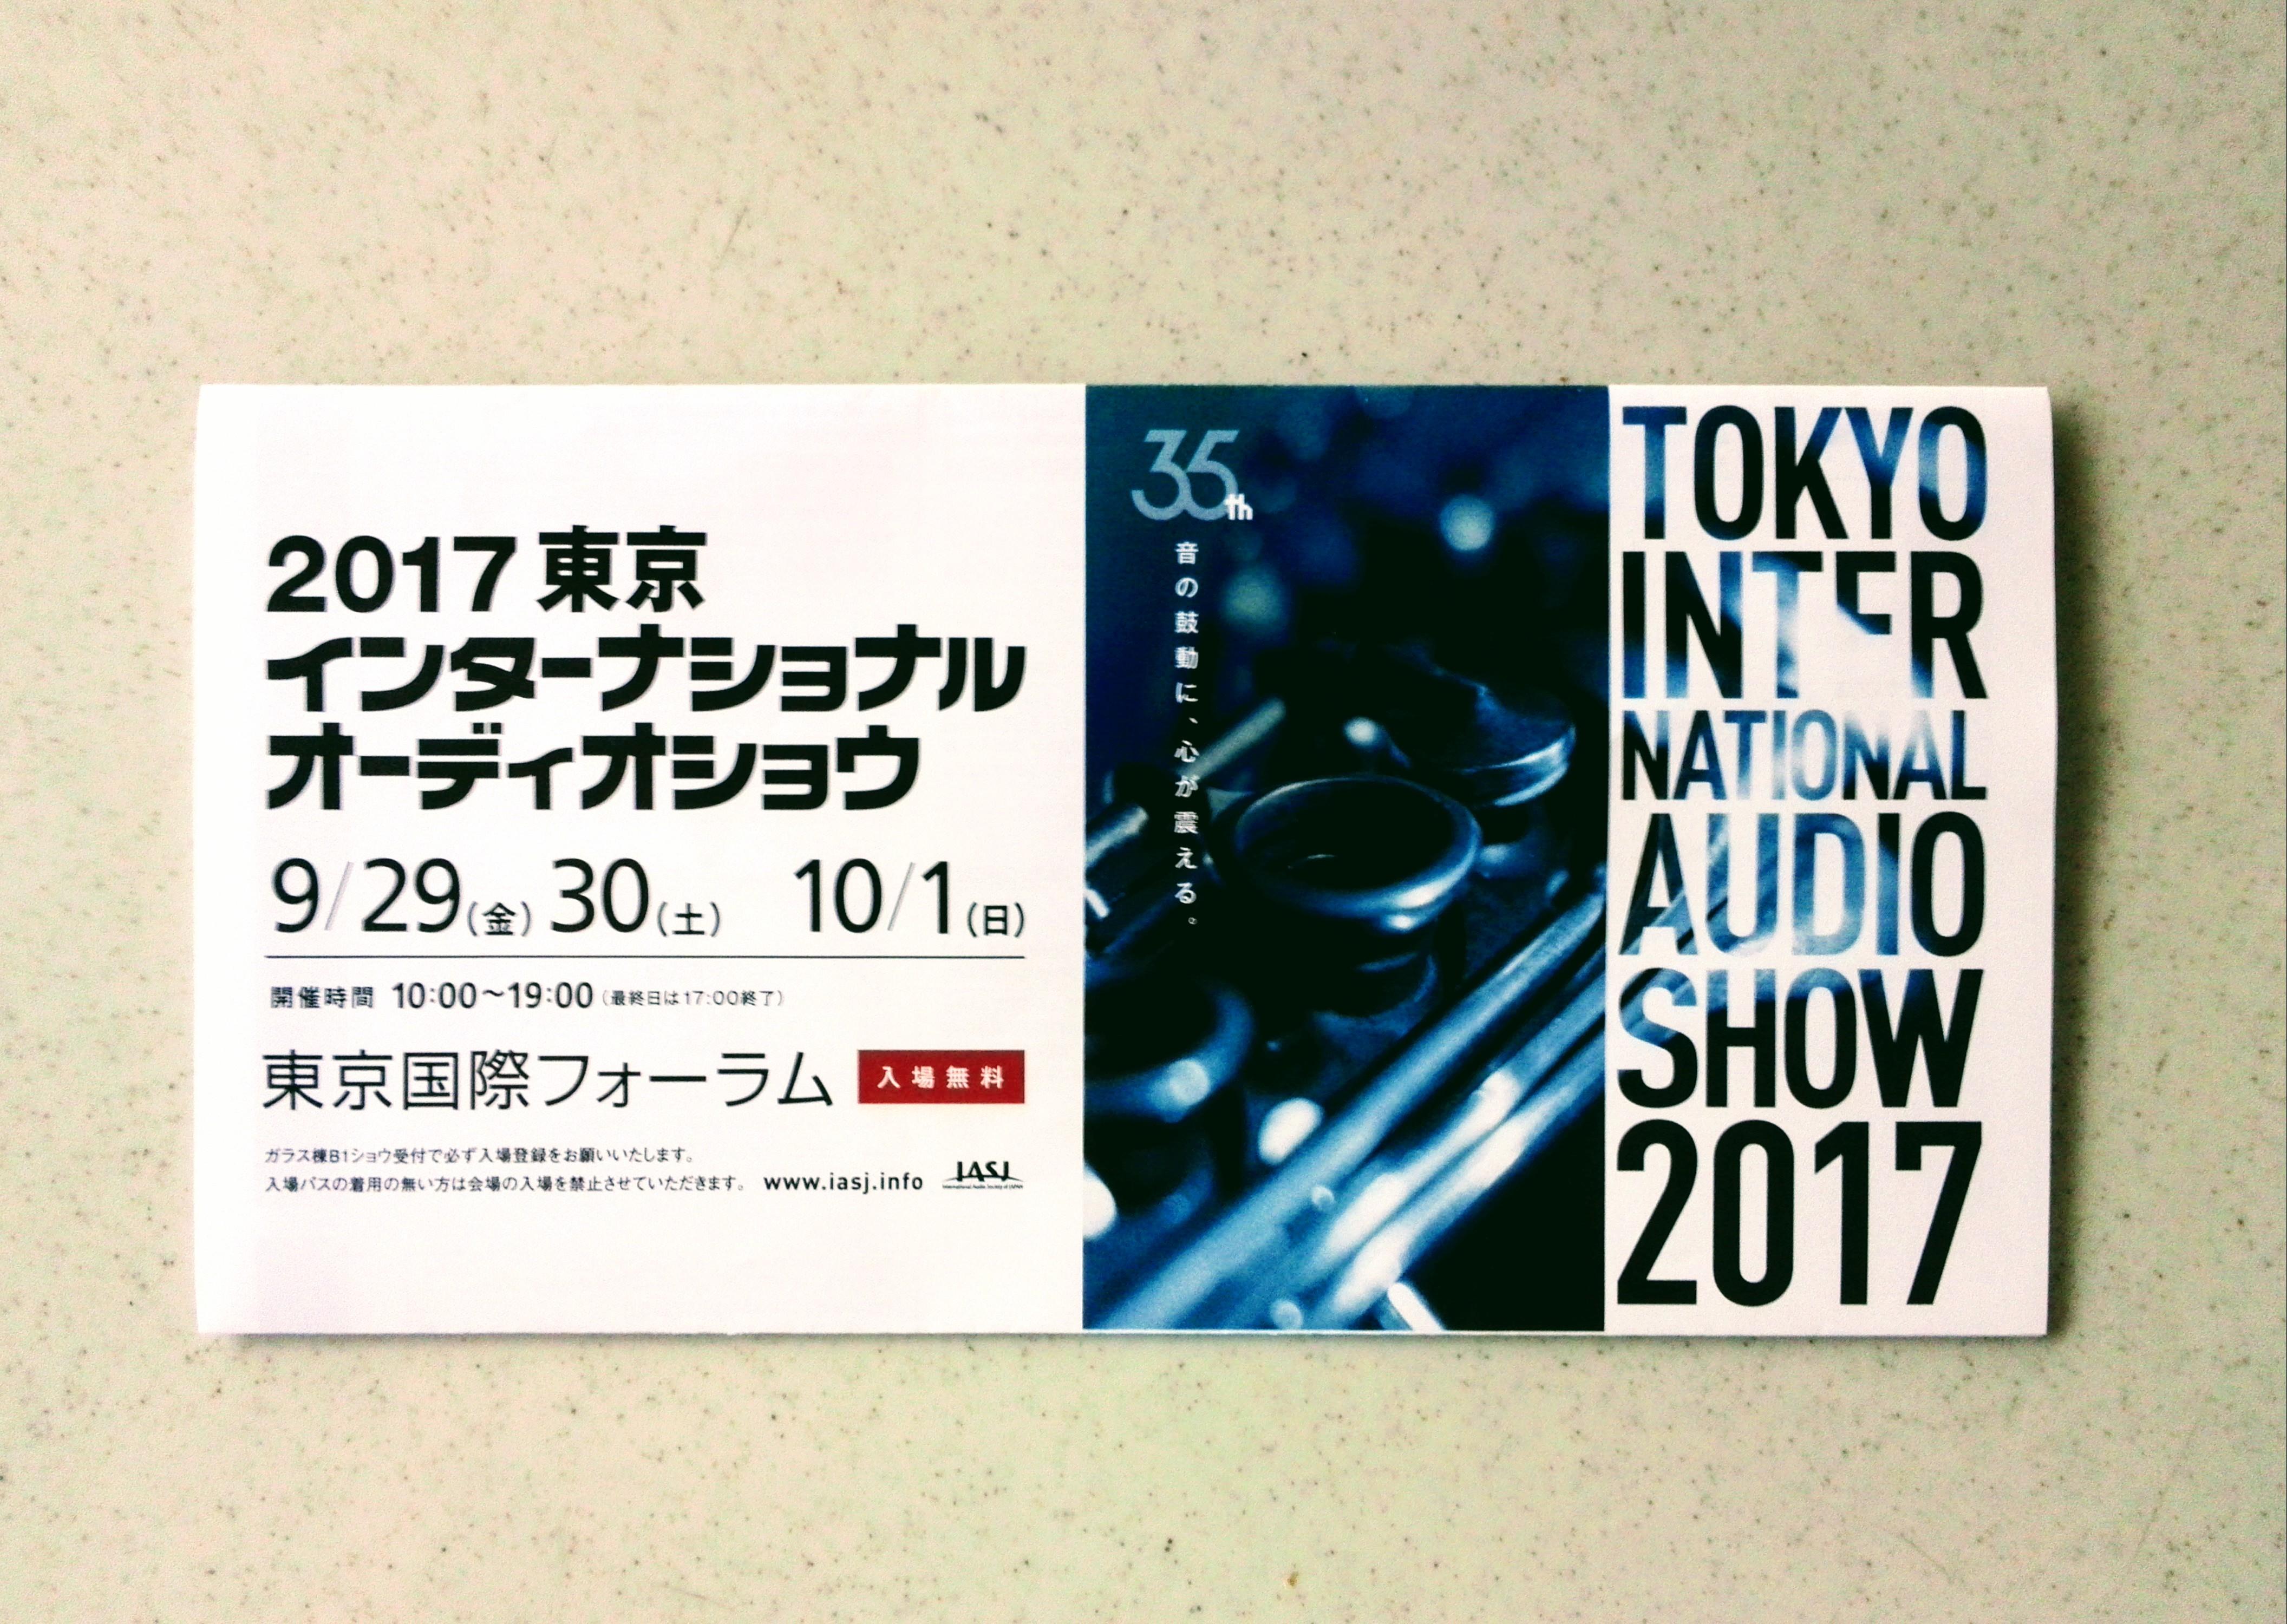 2017東京インターナショナルオーディオショウ(東京国際フォーラム)